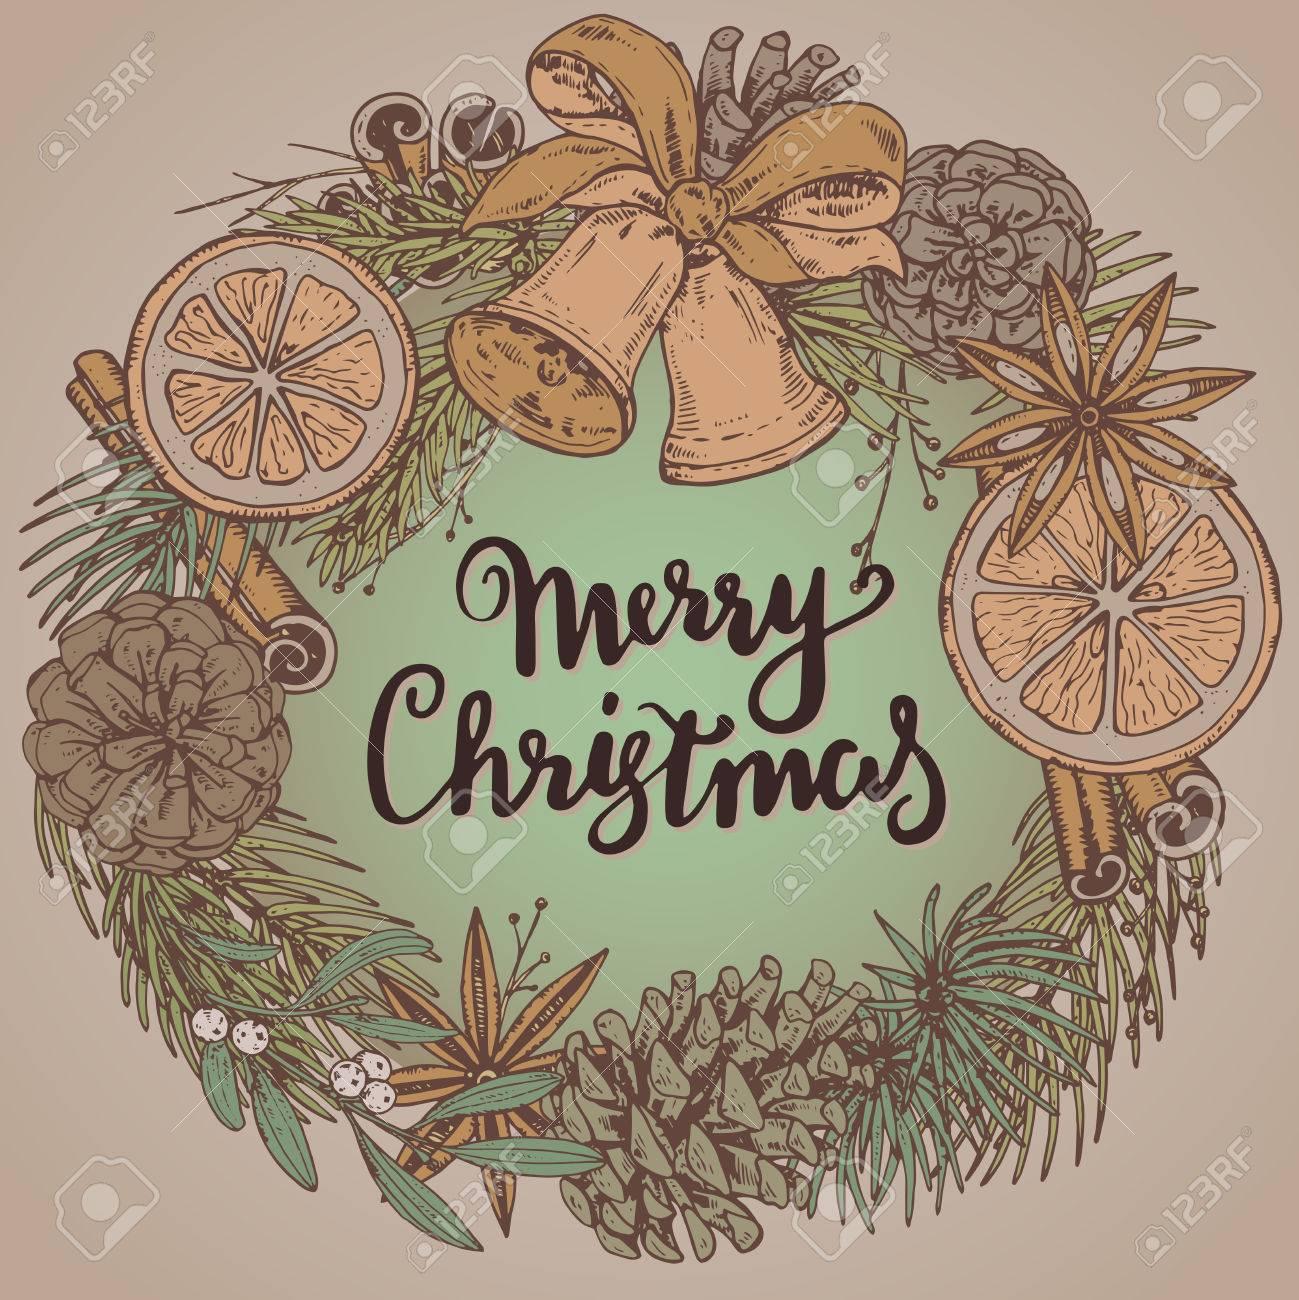 メリー クリスマスと幸せな新年挨拶のカードは手描きの冬の植物、スパイス、鐘。ビンテージ ベクトル イラスト手書きの文字。クリスマス リース